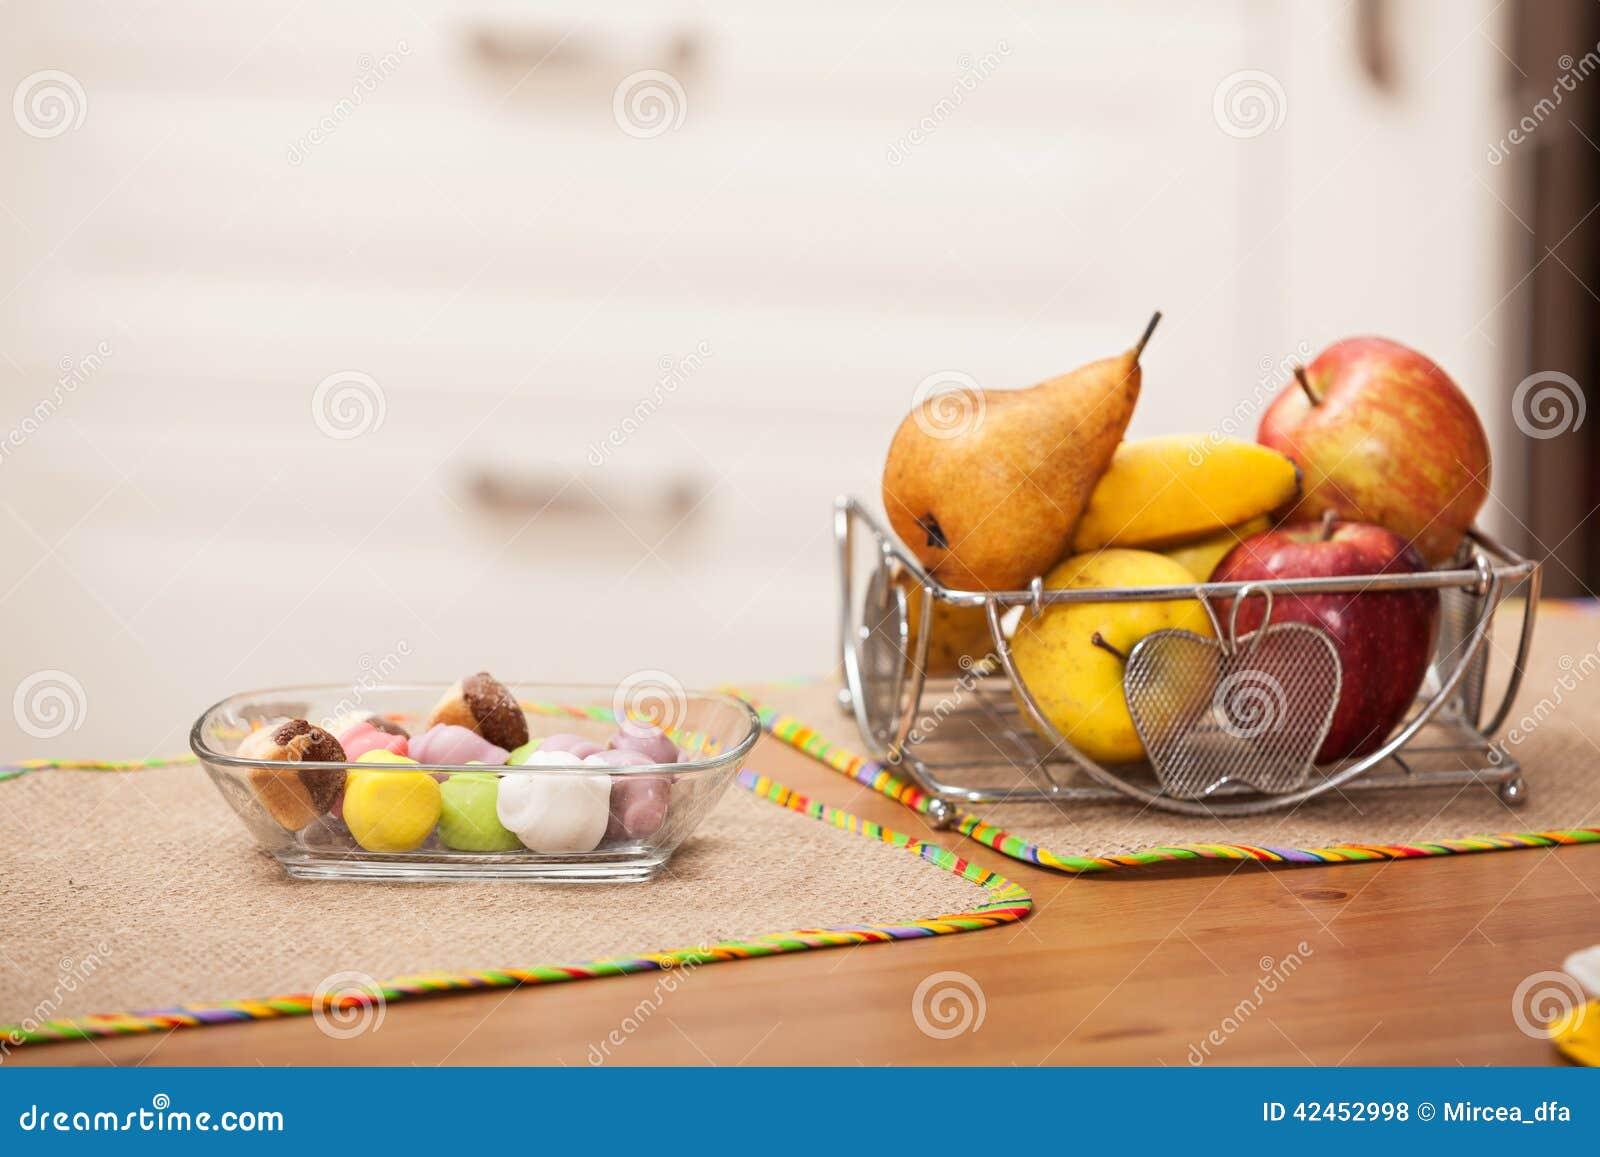 Bonbons und Früchte auf dem Tisch